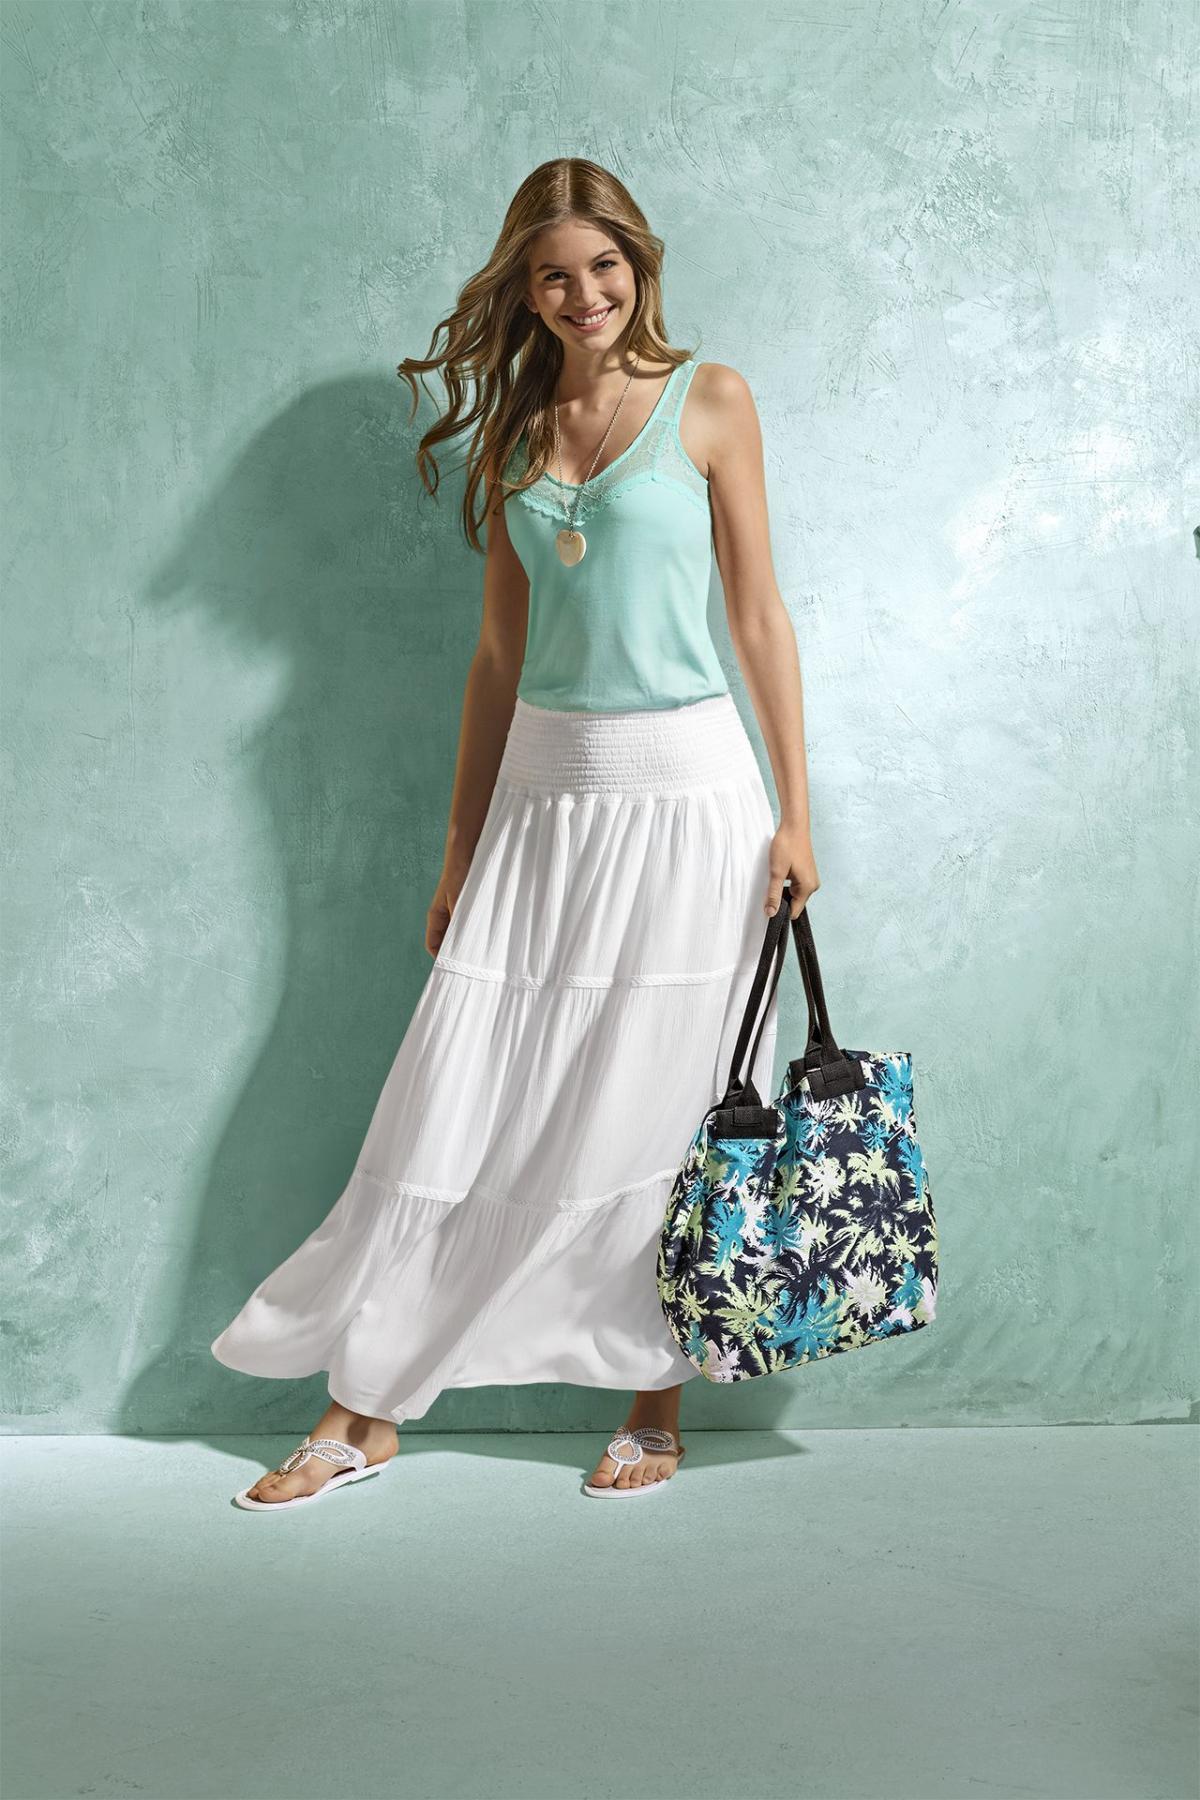 Zaawansowane biała spódnica KiK długa - Moda plażowa KiK - Trendy sezonu UC04